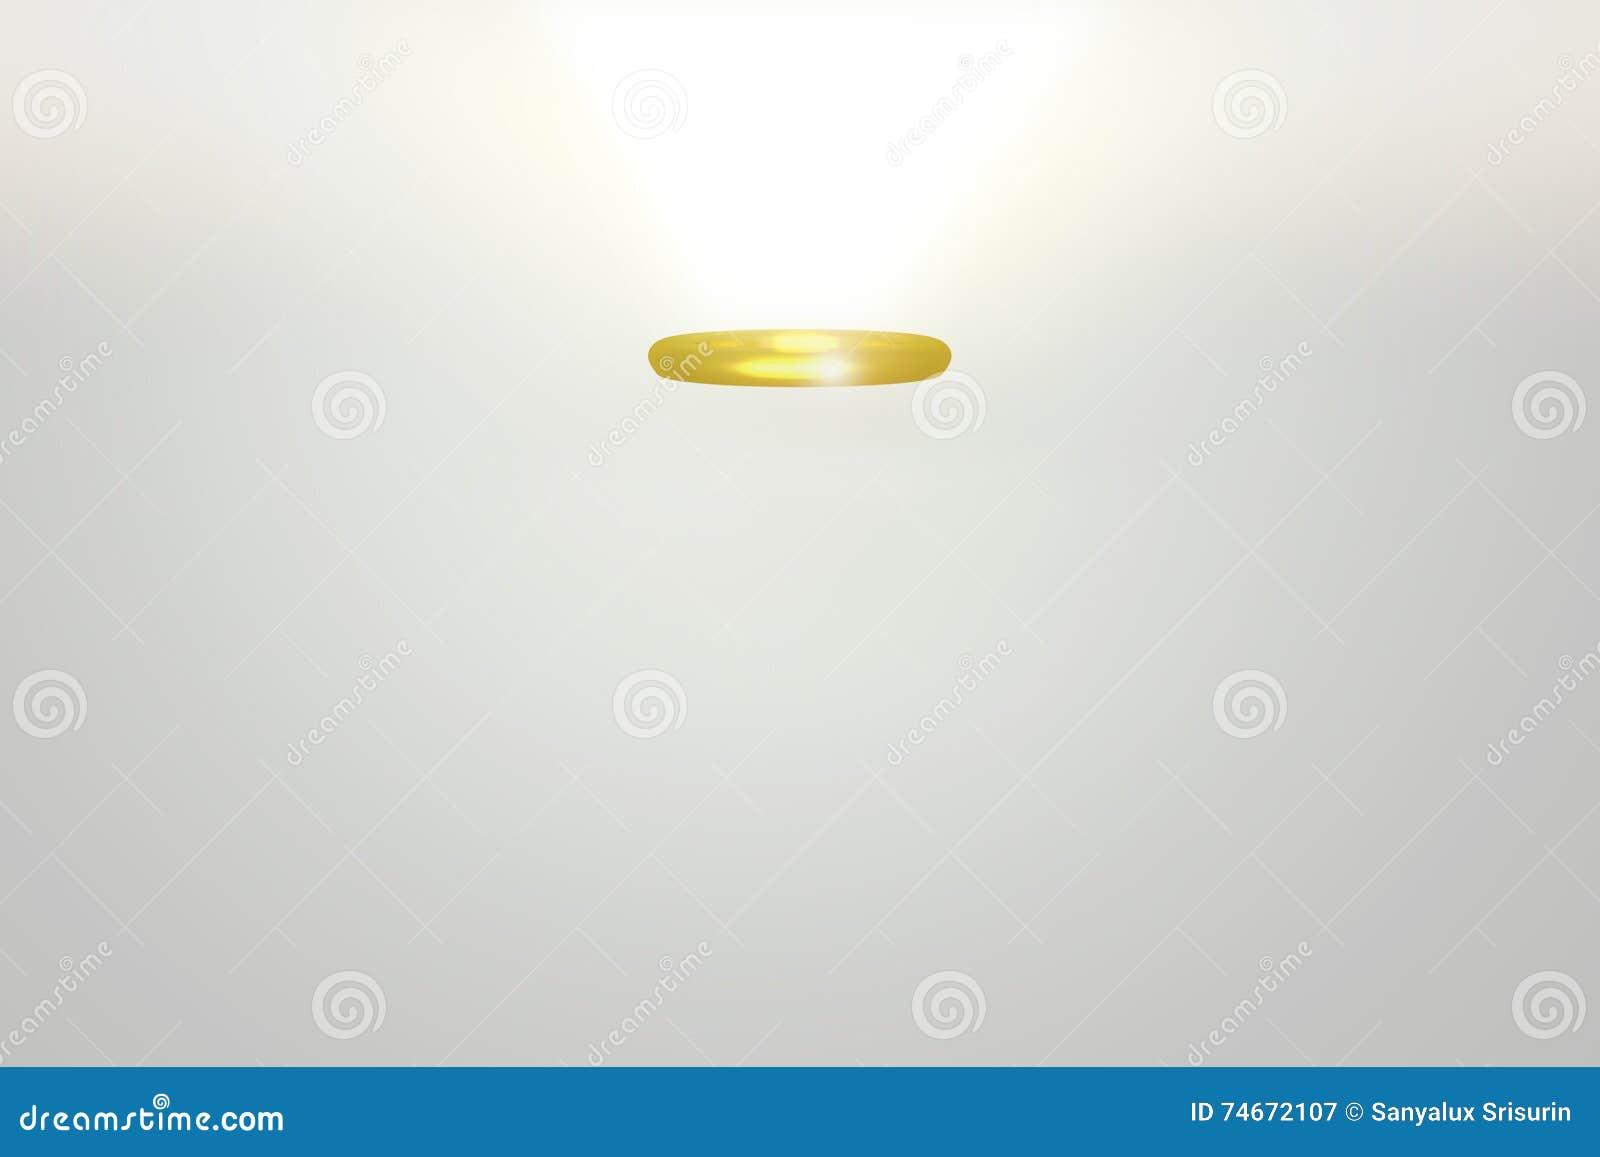 3D Rendeinr Of Golden Angel Halo Illustration 74672107